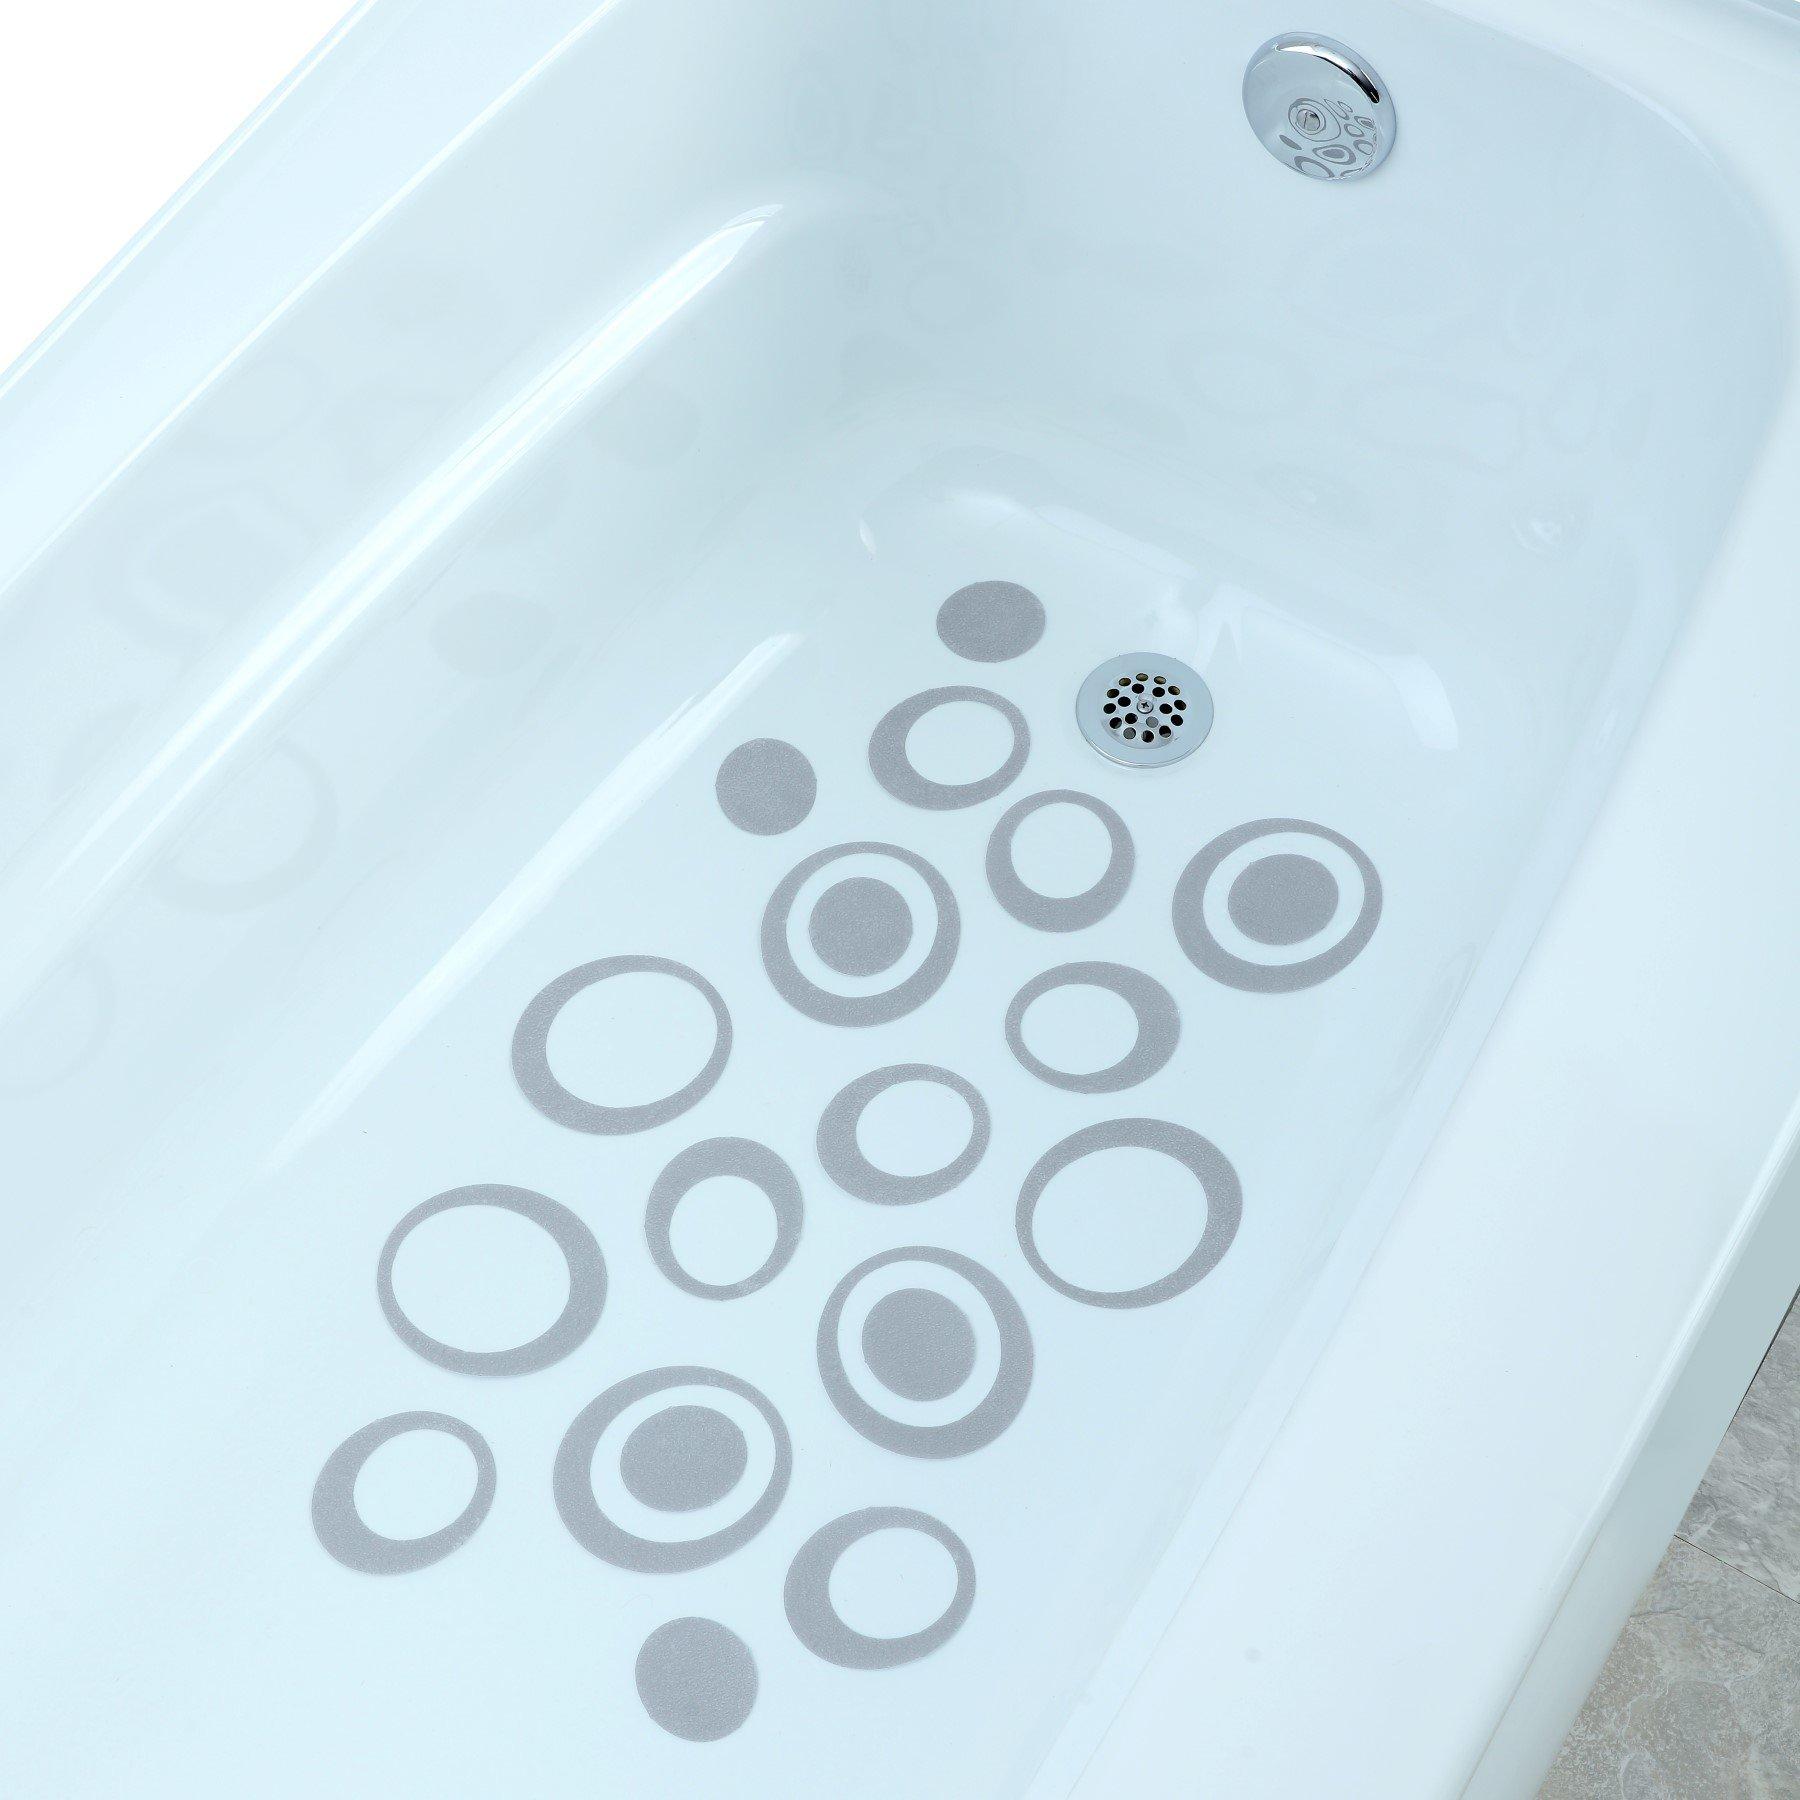 Bathtub Treads Non Slip Applique Feet Grip Stickers Shower Safety ...